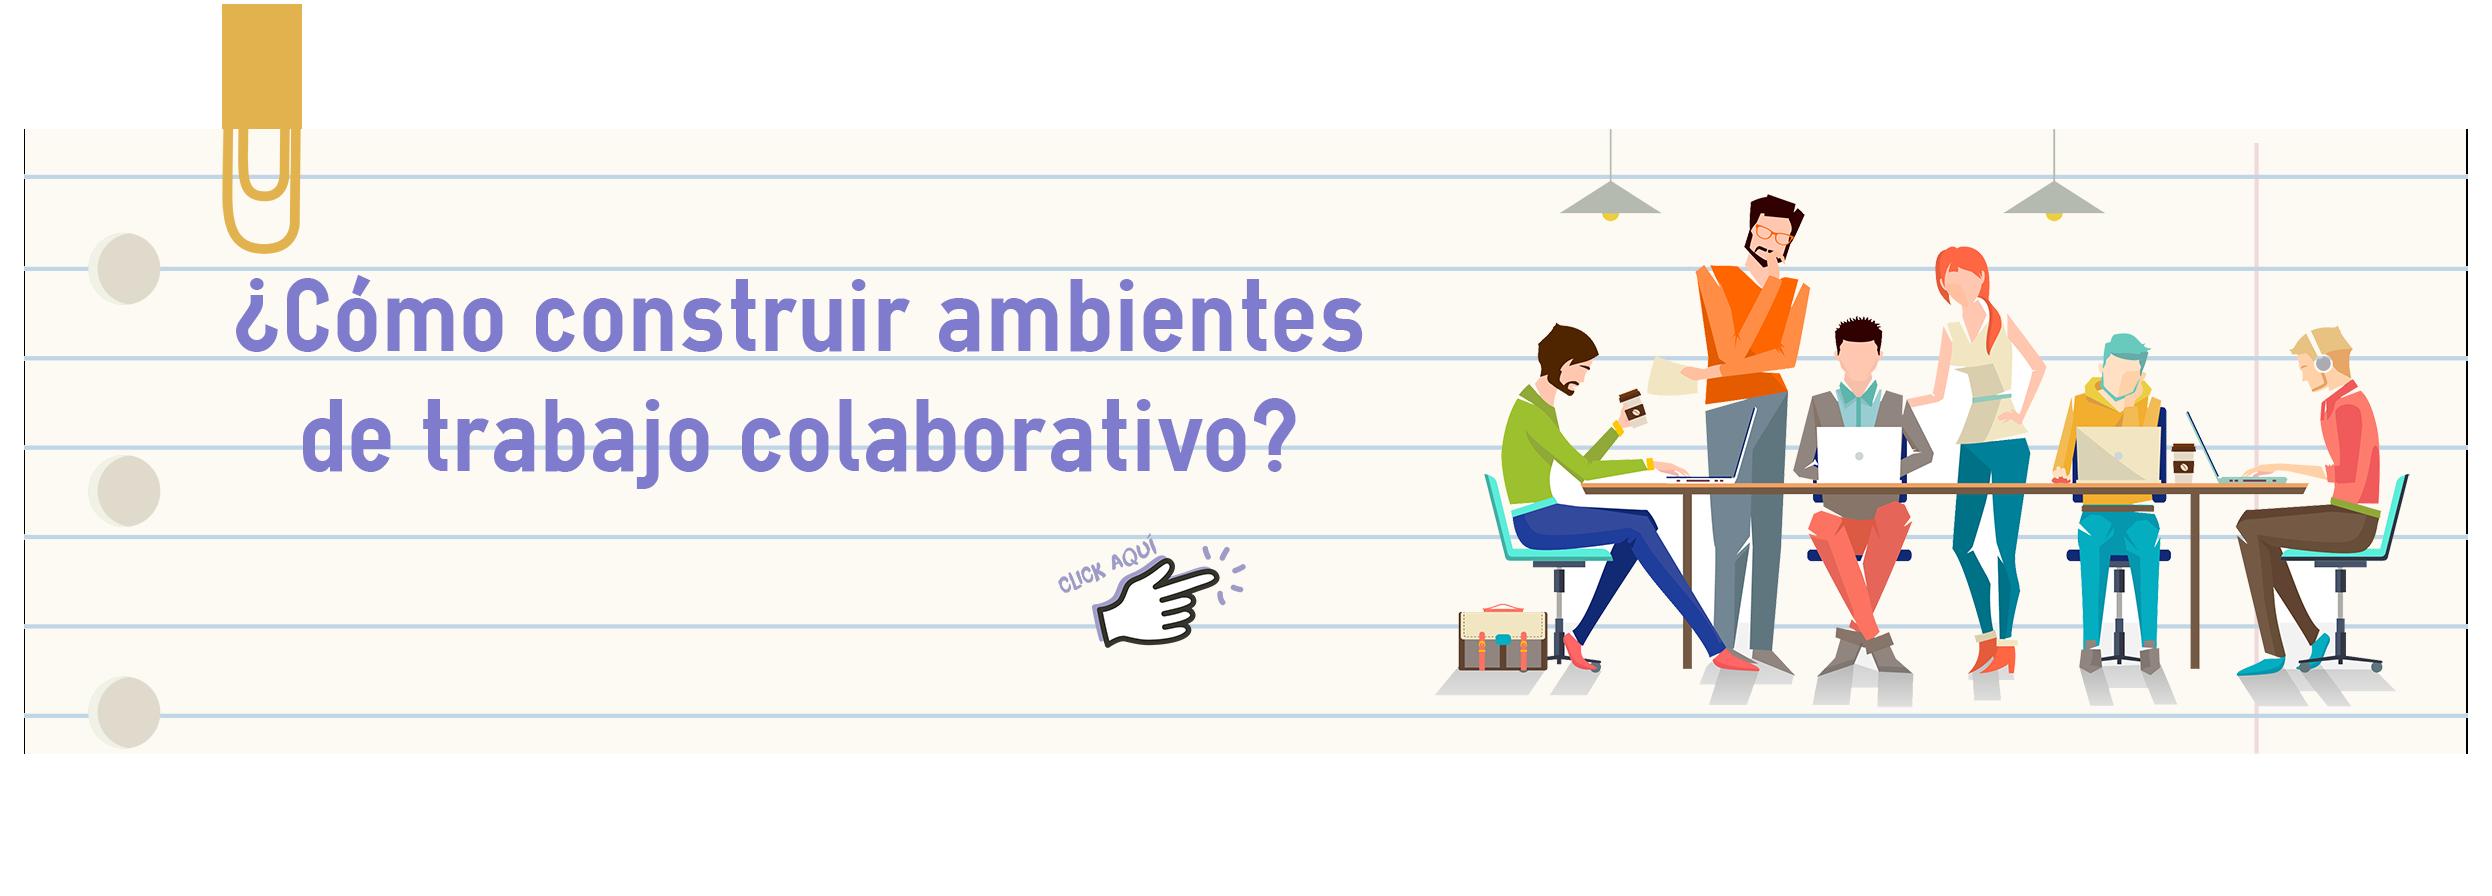 Cómo construir ambientes de trabajo colaborativo